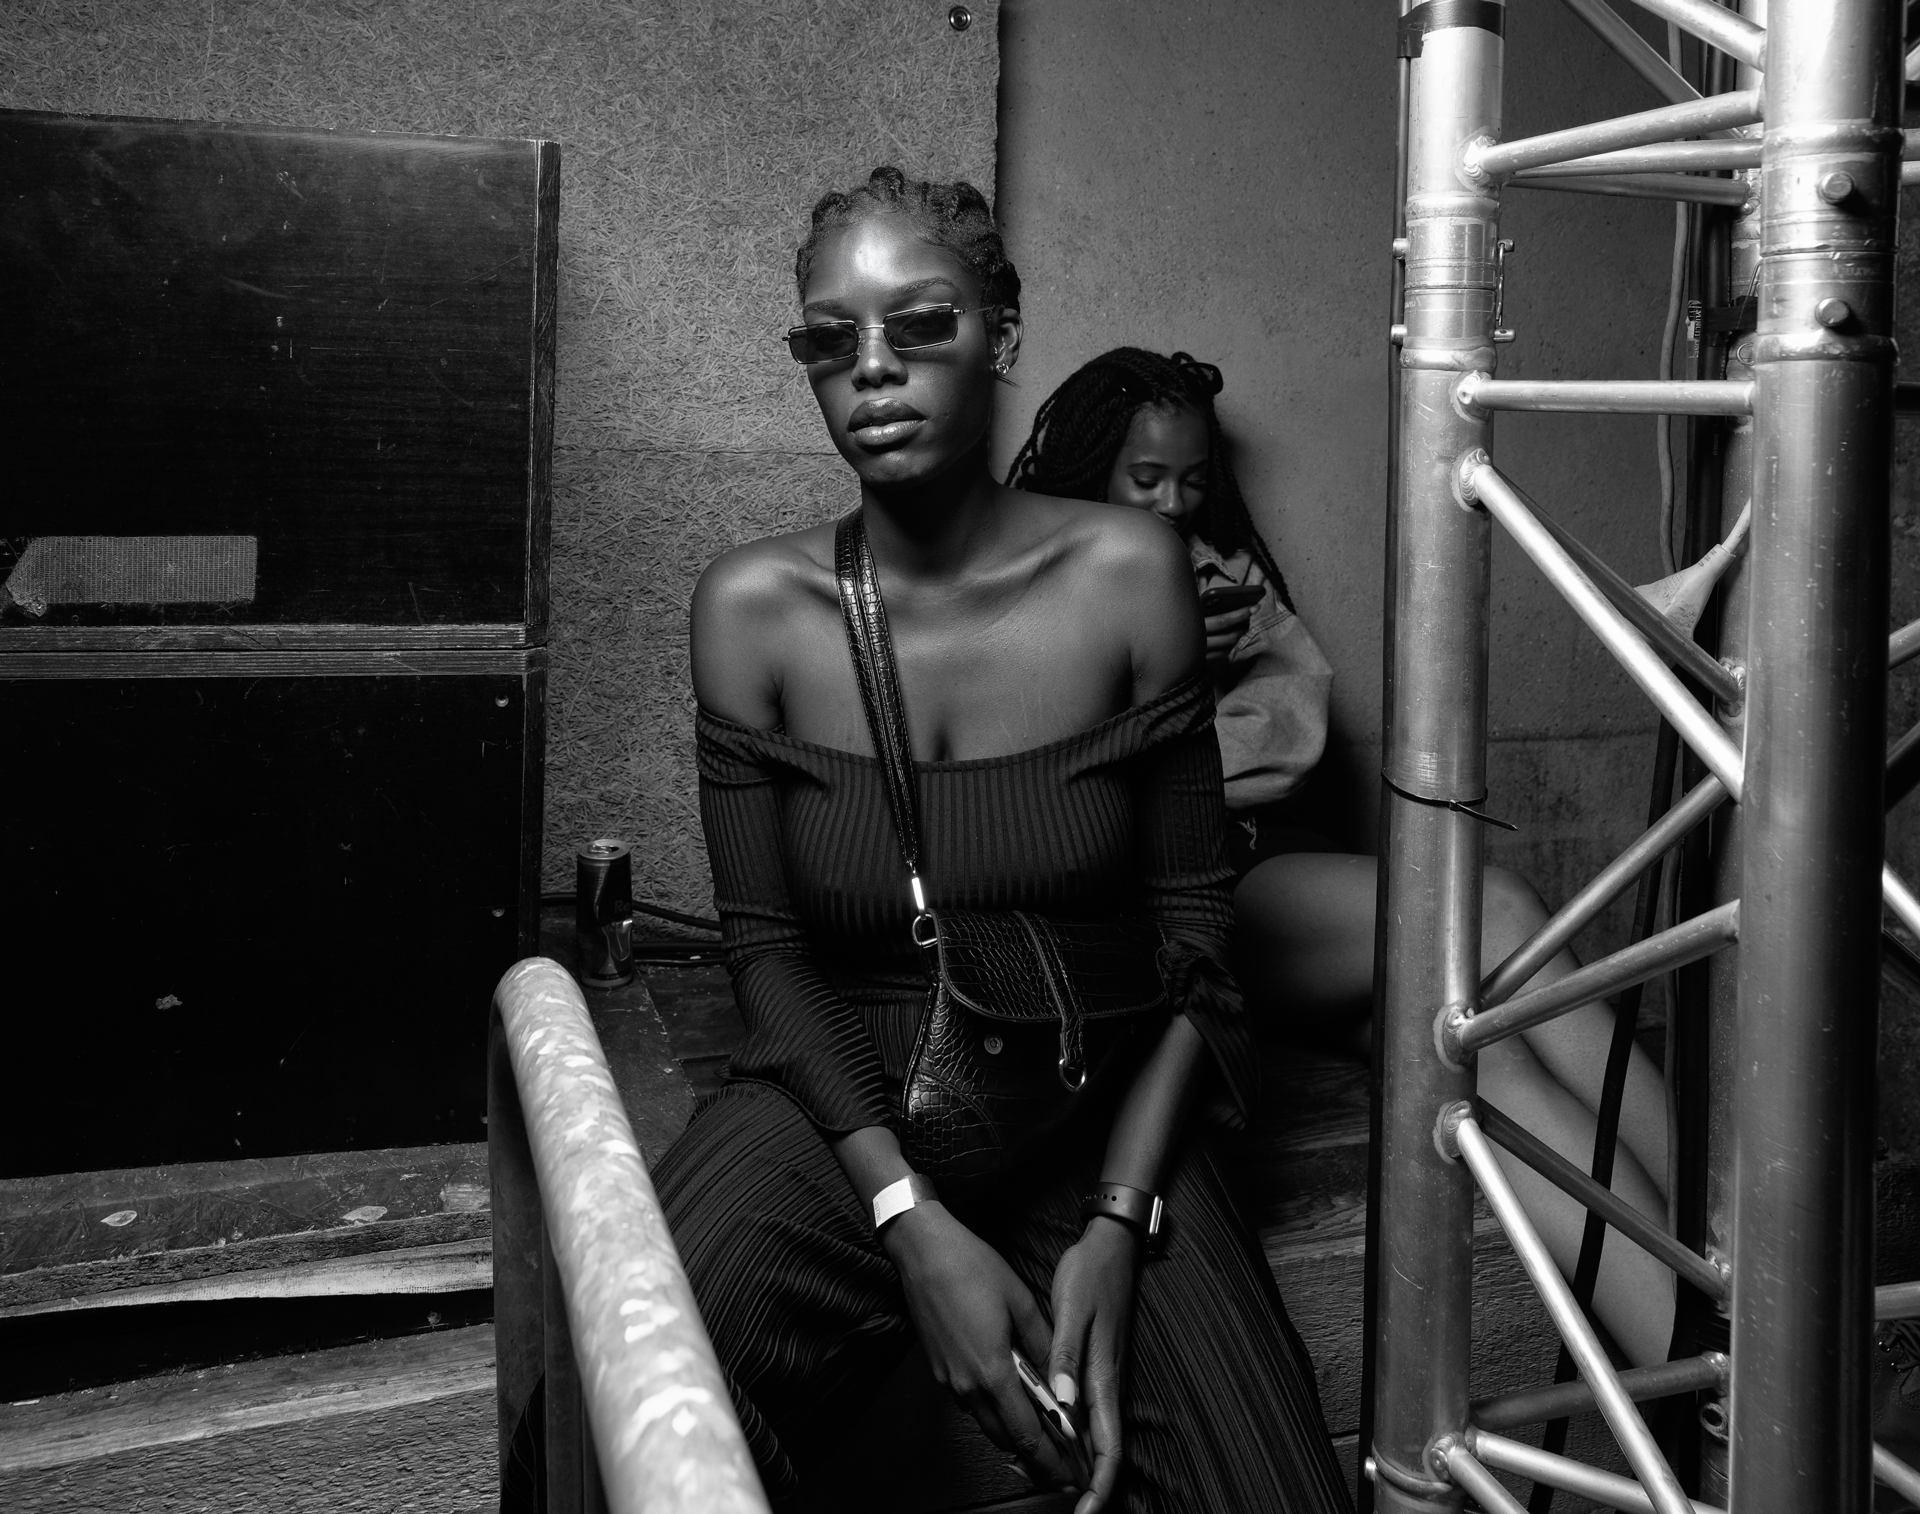 backstage face, Paris 2019 - Wanderlust